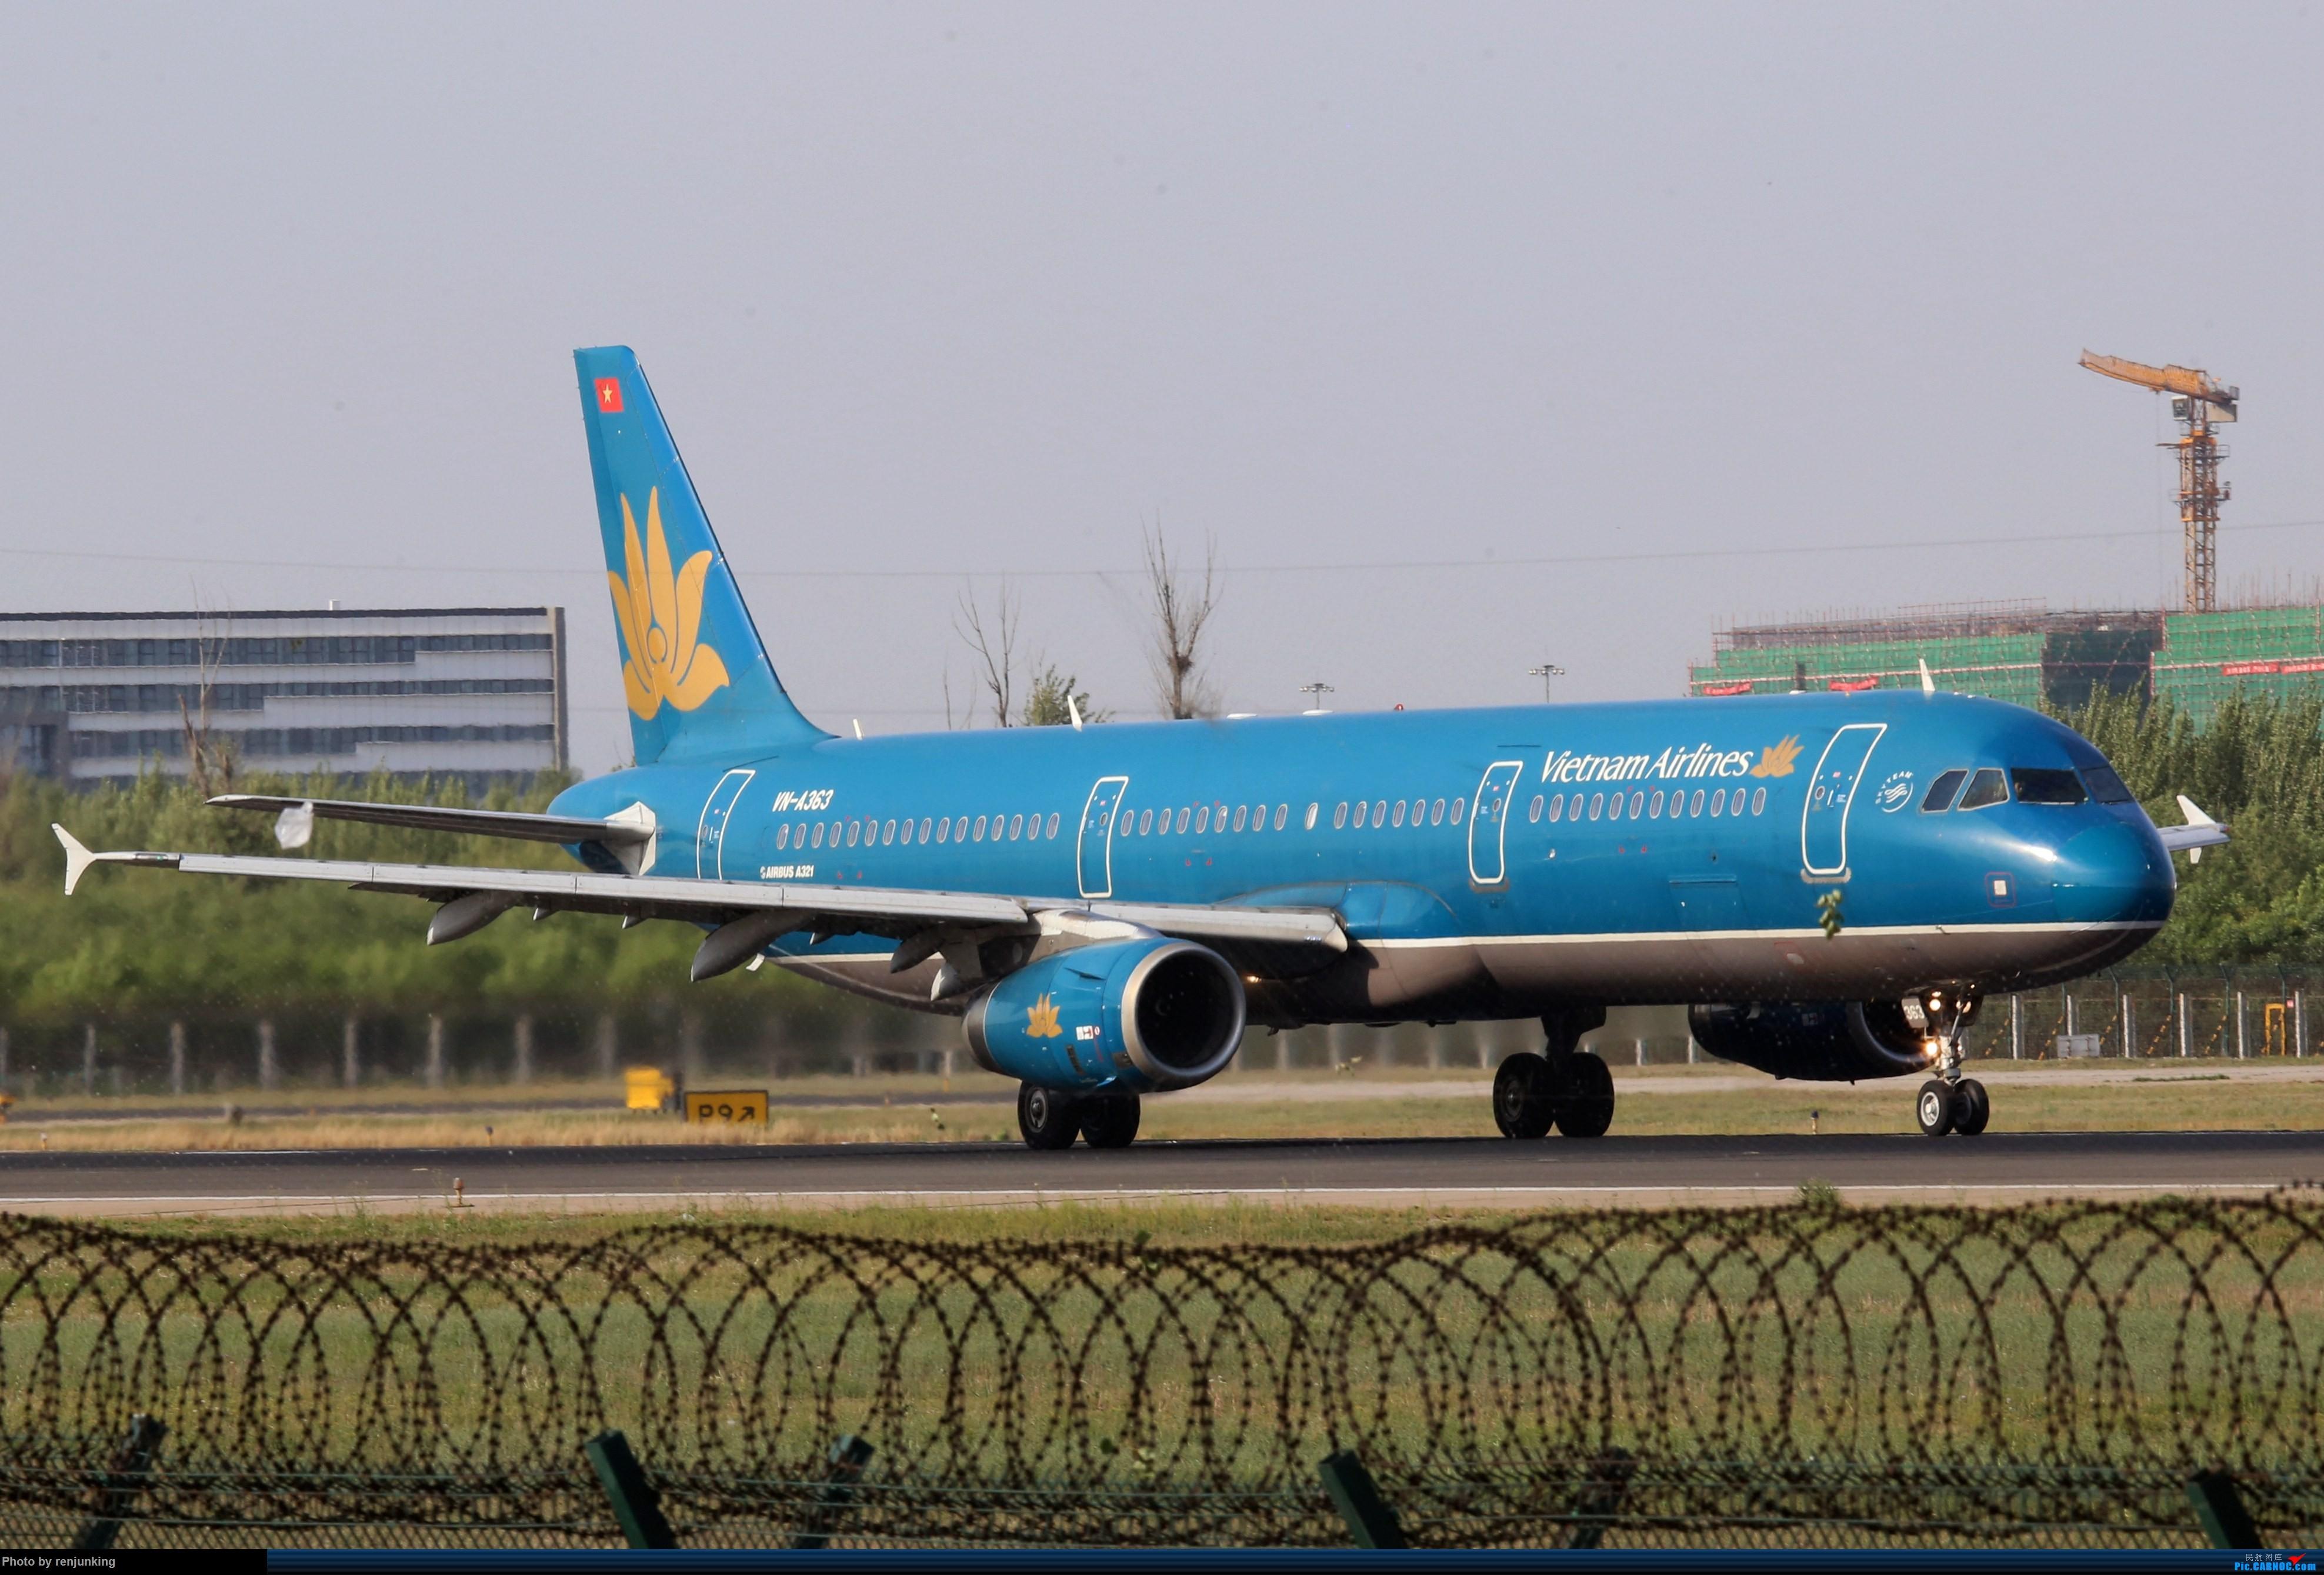 [原创]越南航空 airbus a321 vn-a363 中国北京首都国际机场